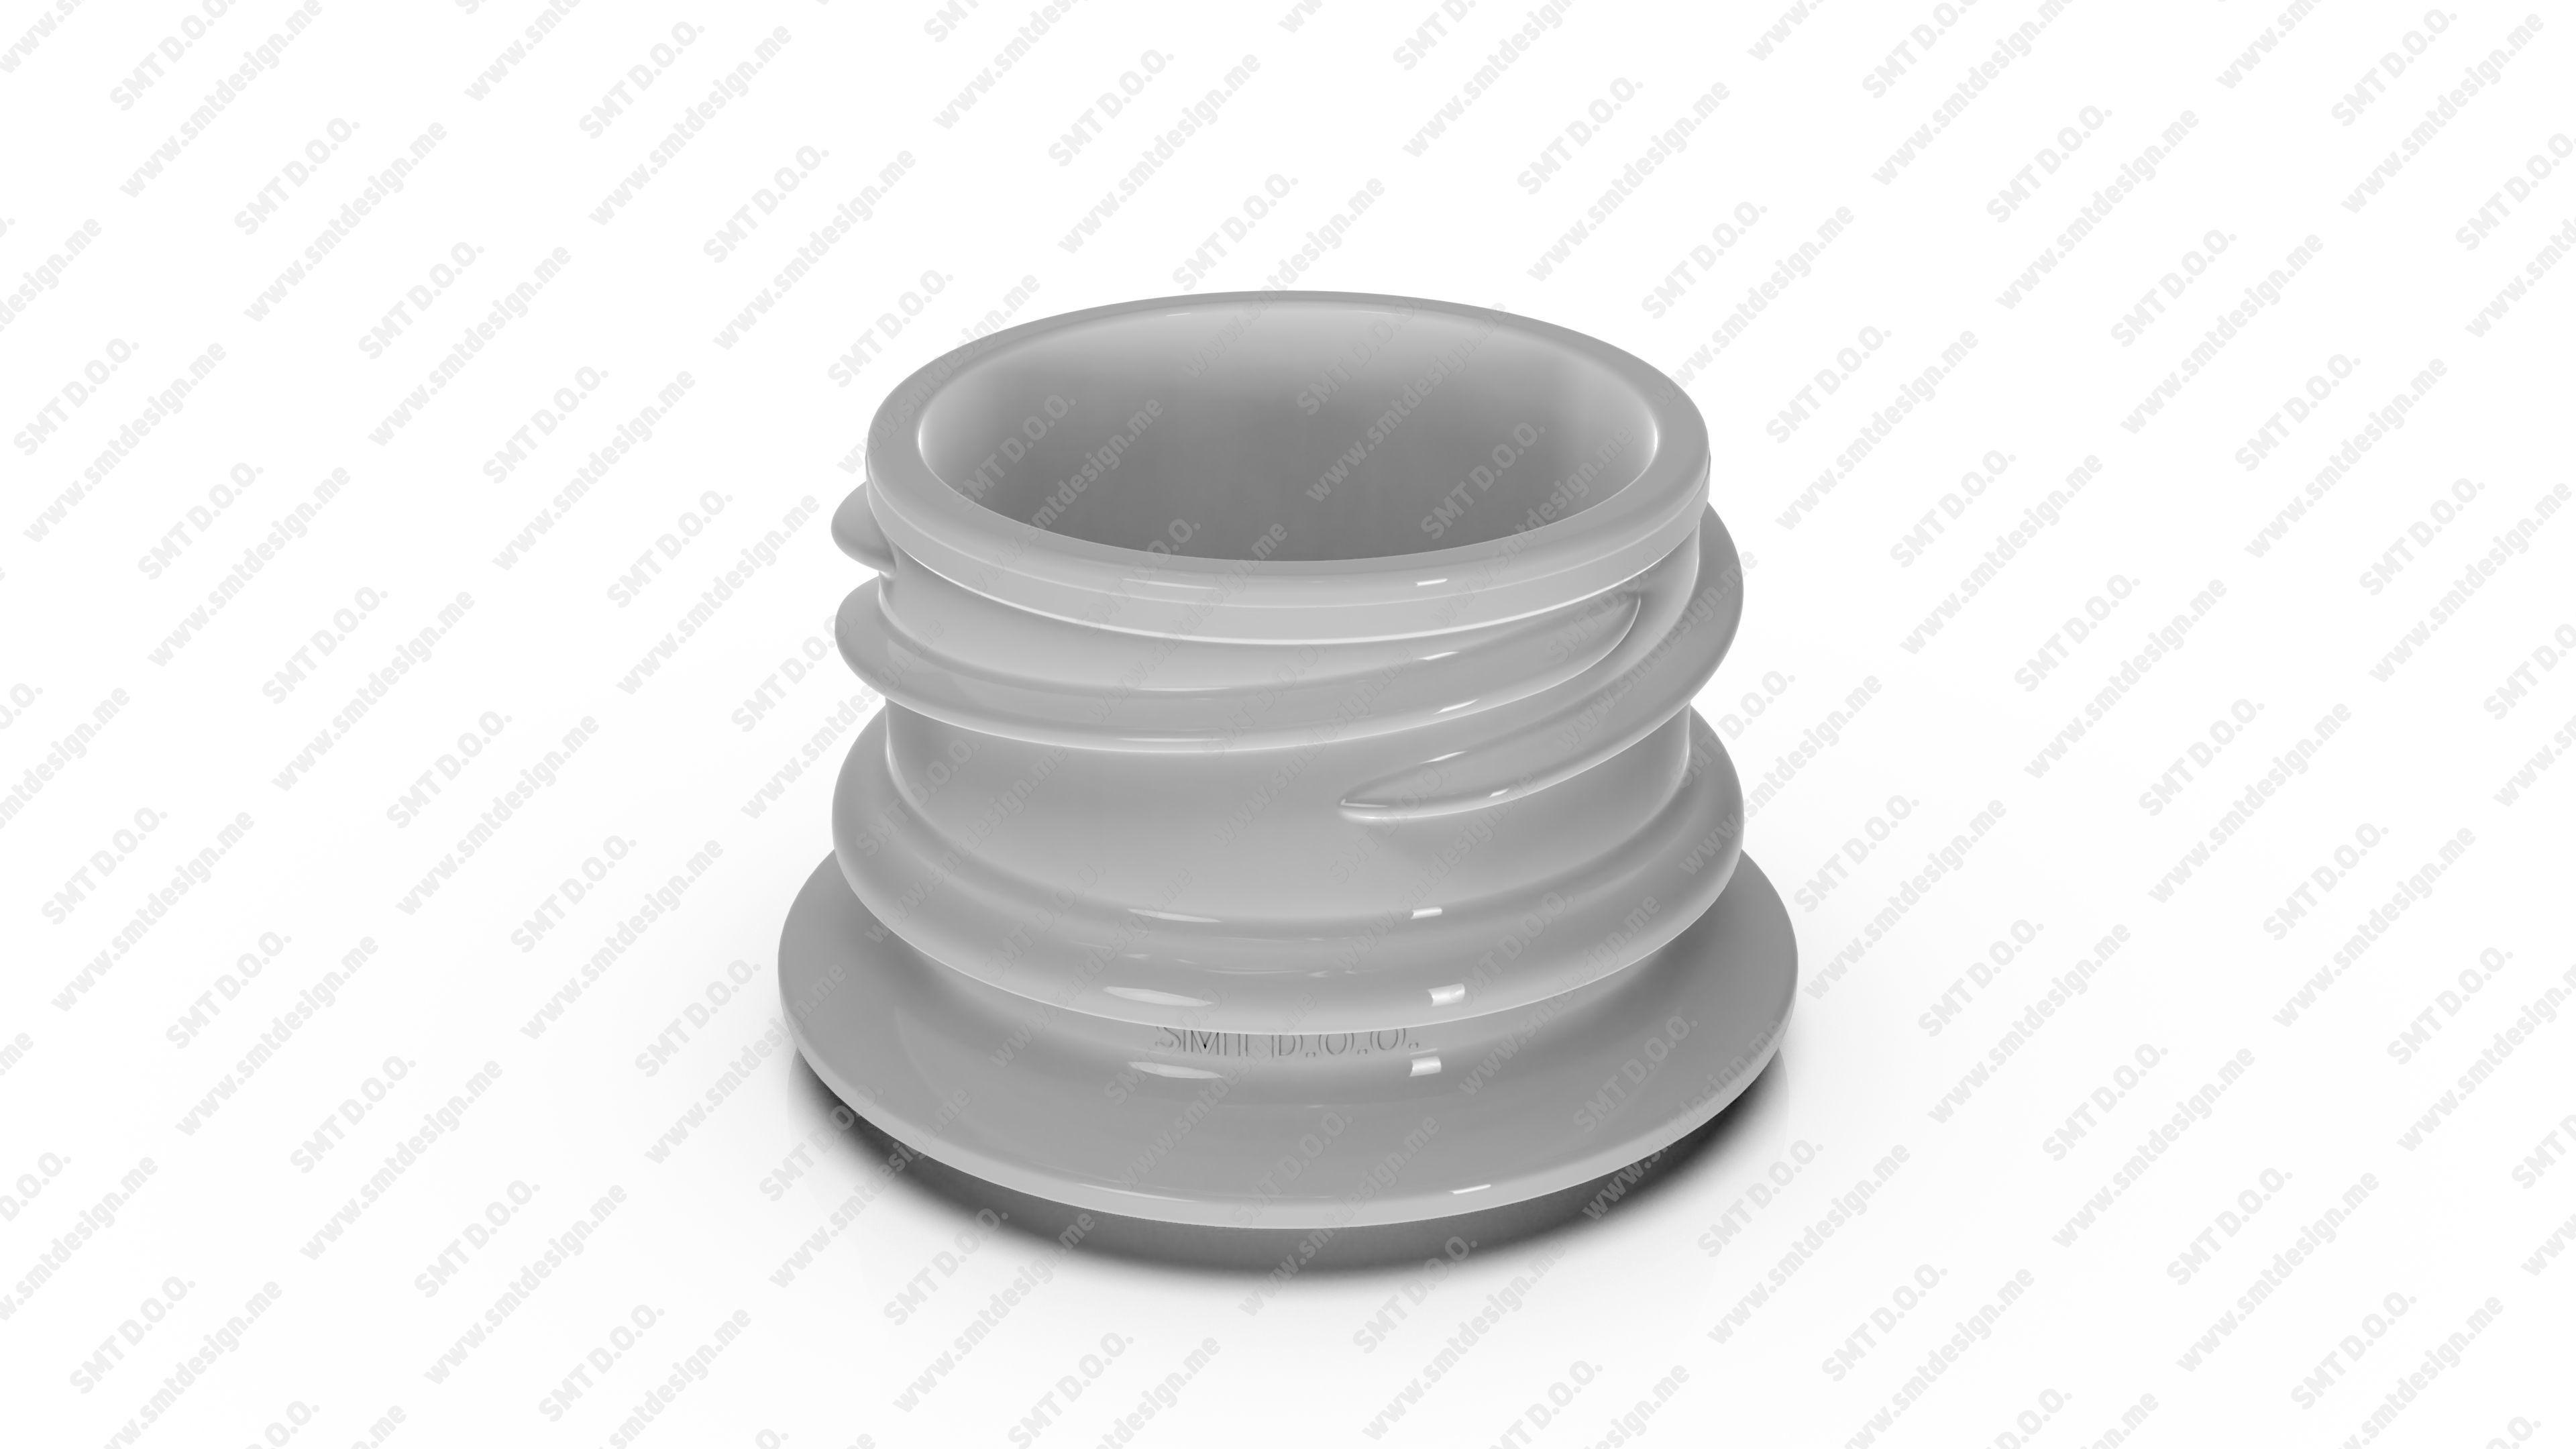 Neck for bottles - Obrist - 28 18 mm